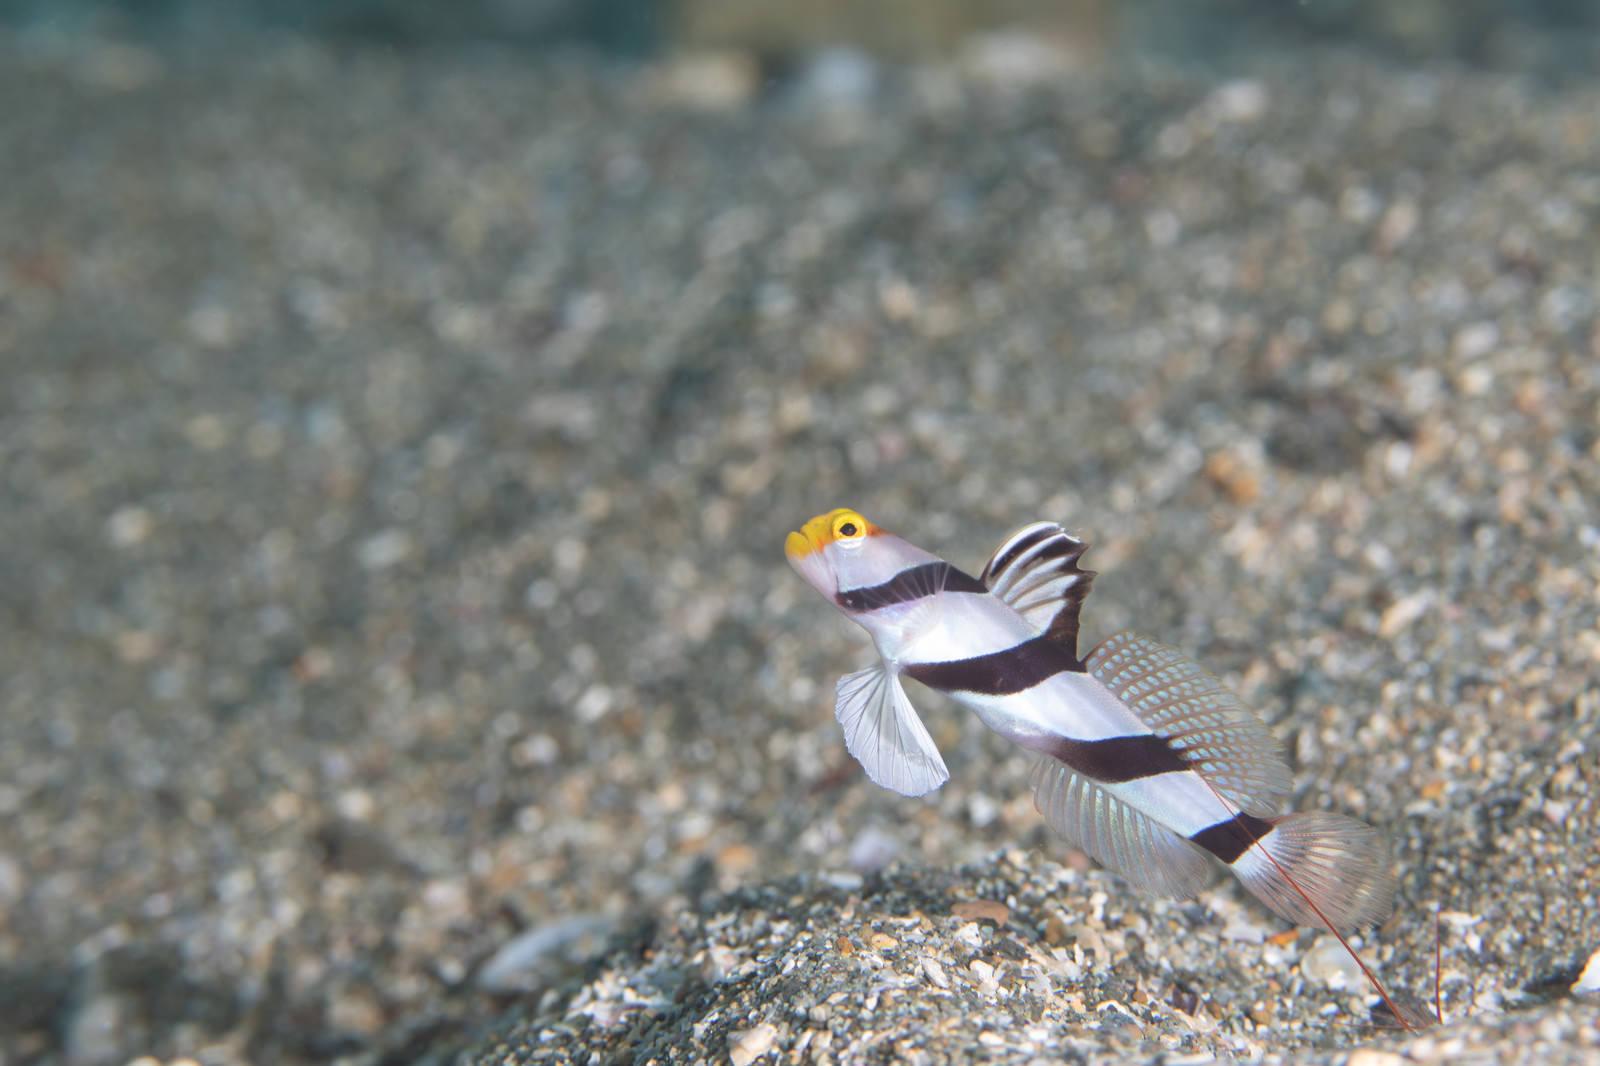 「黄色い顔のネジリンボウ(ハゼ科)」の写真